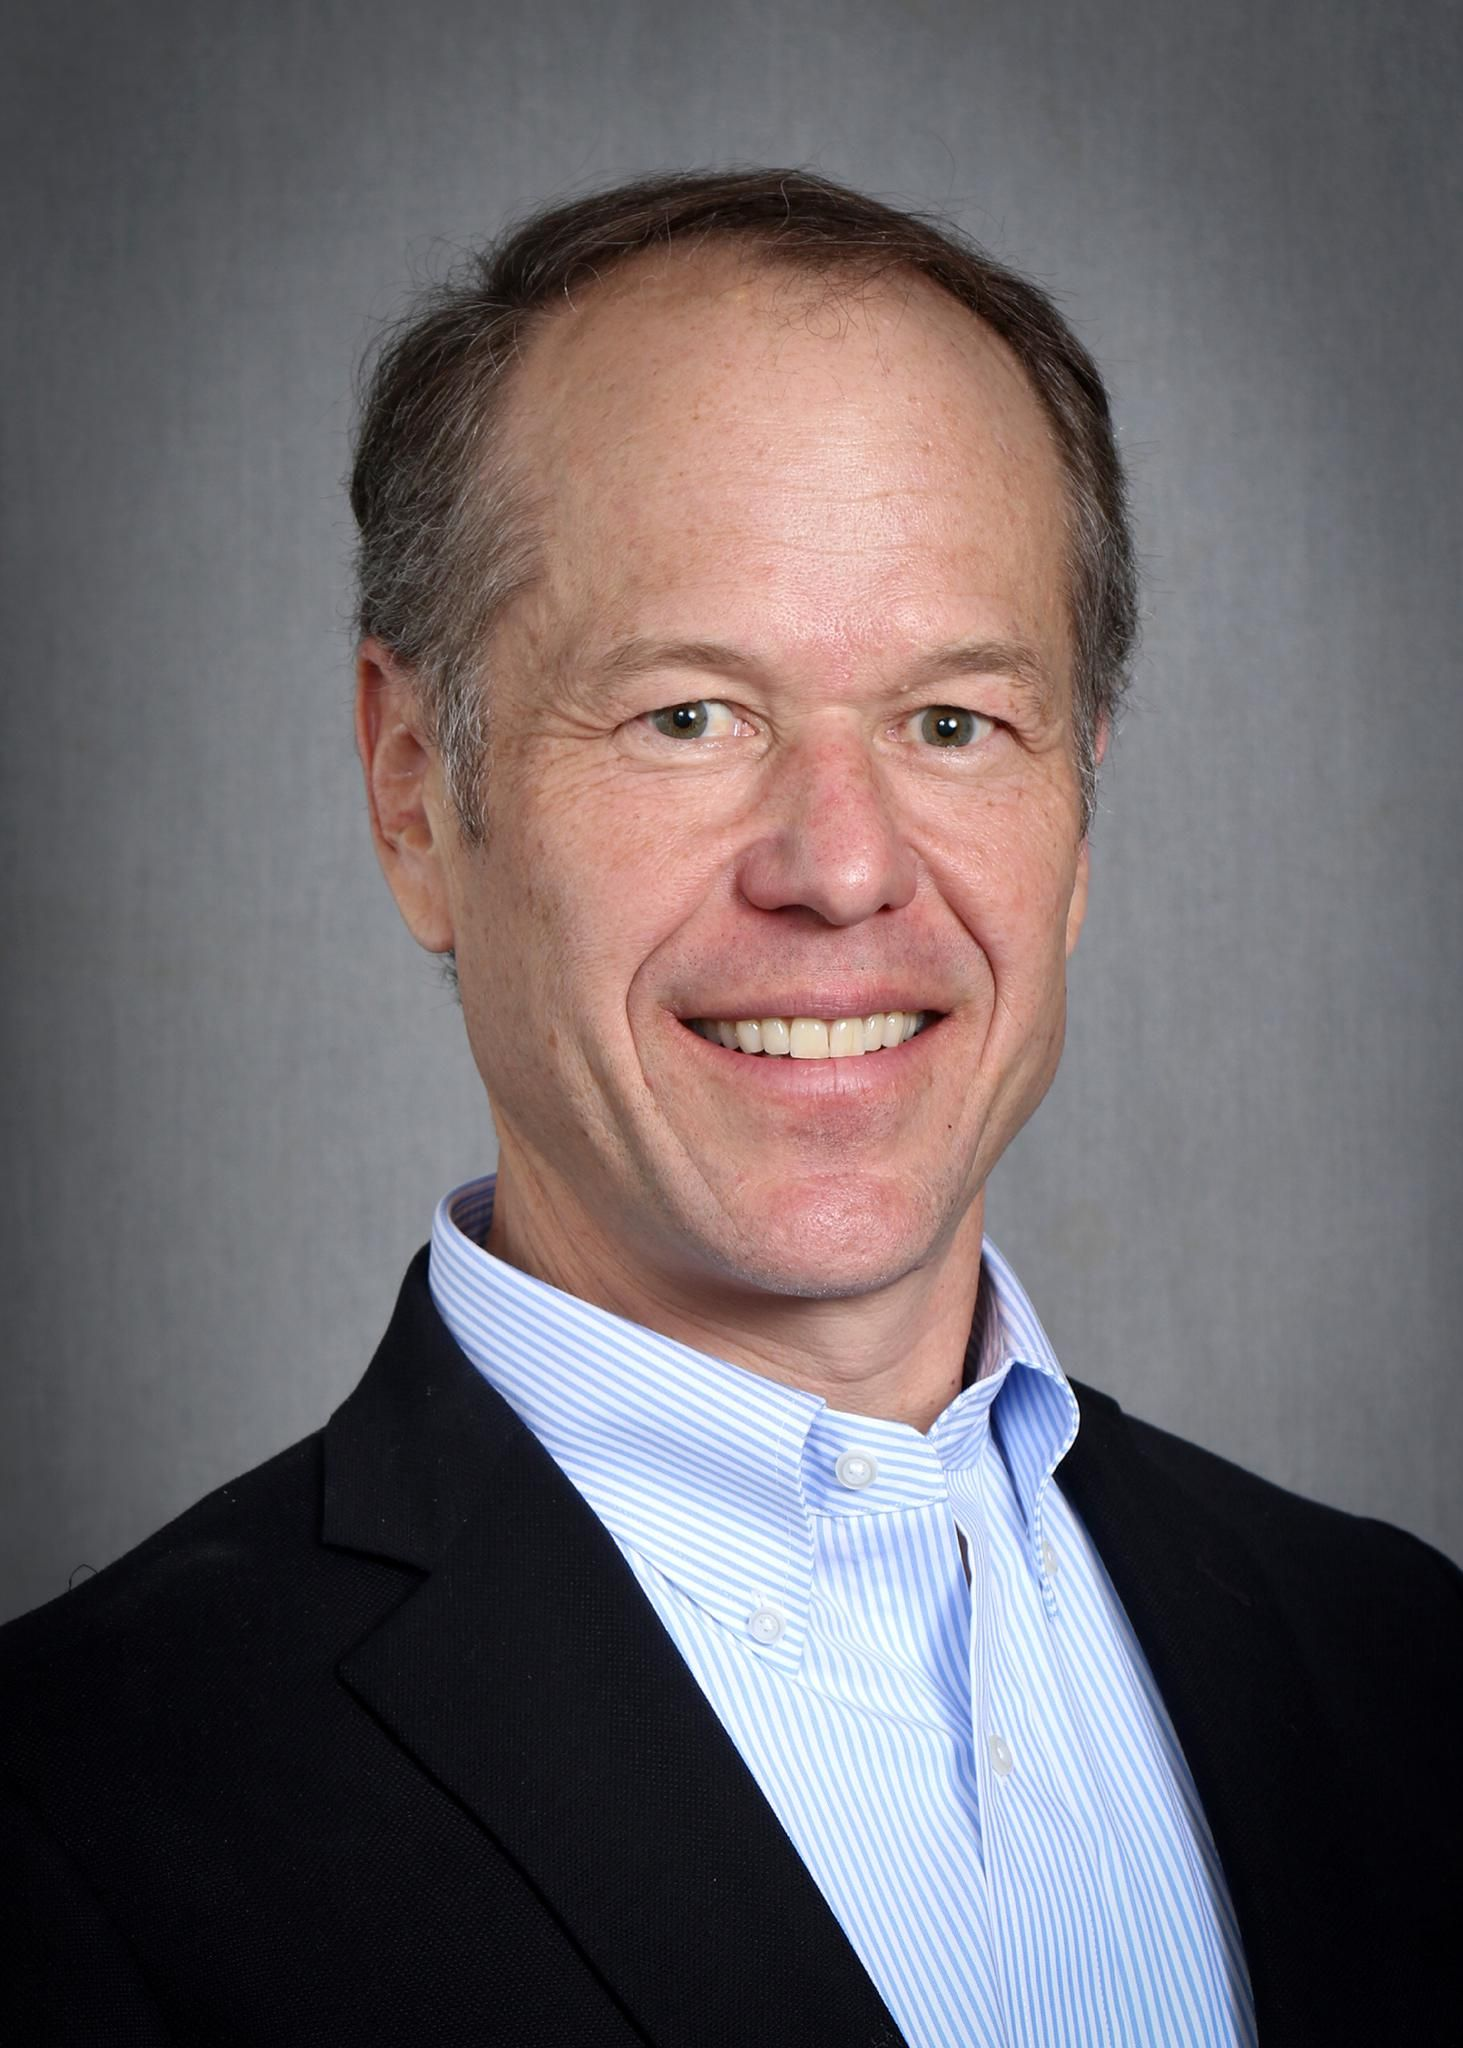 Charles Kaplan